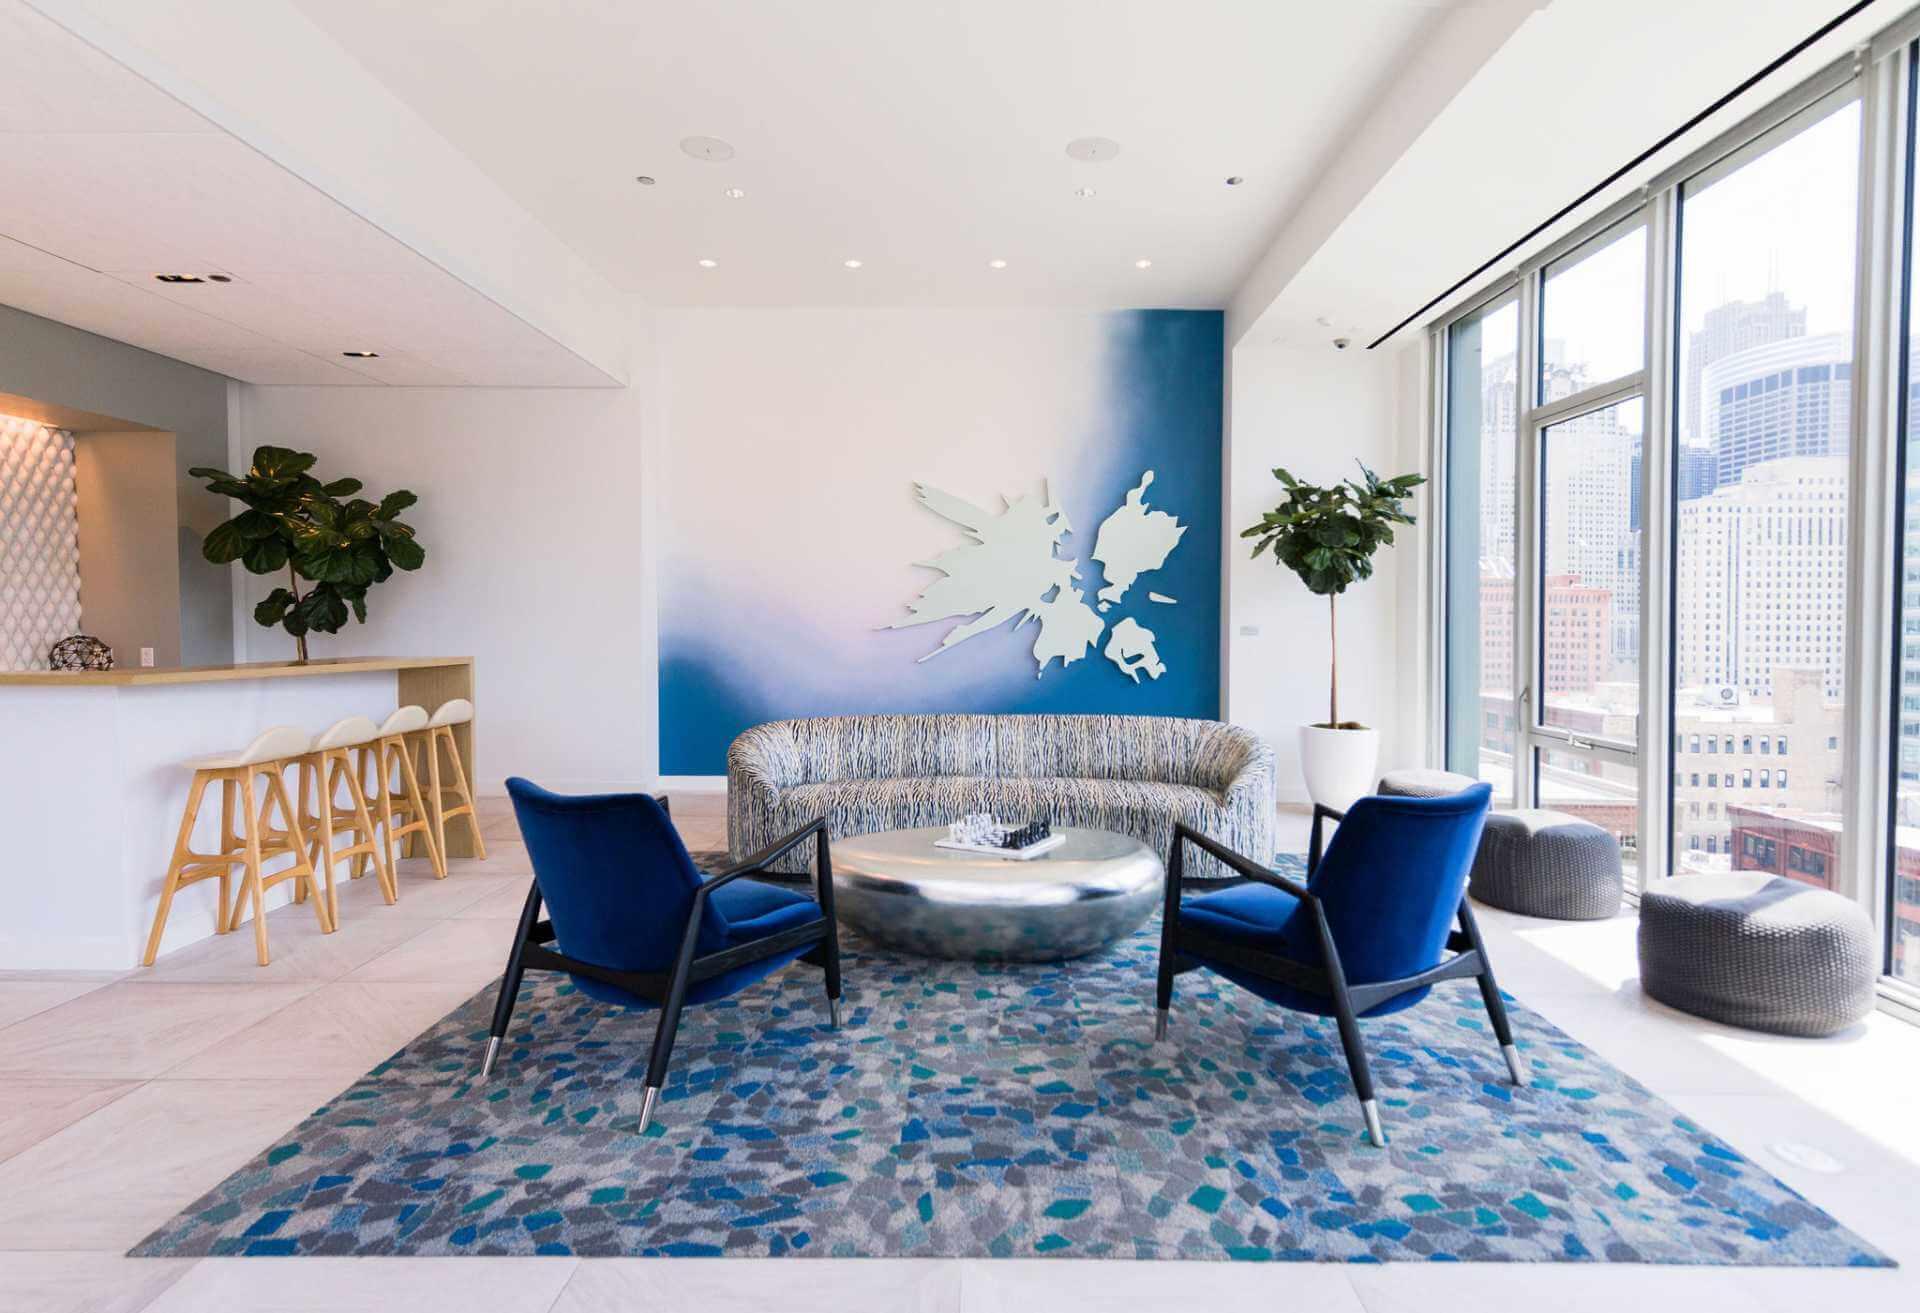 Best website to find rentals Chicago - EMME